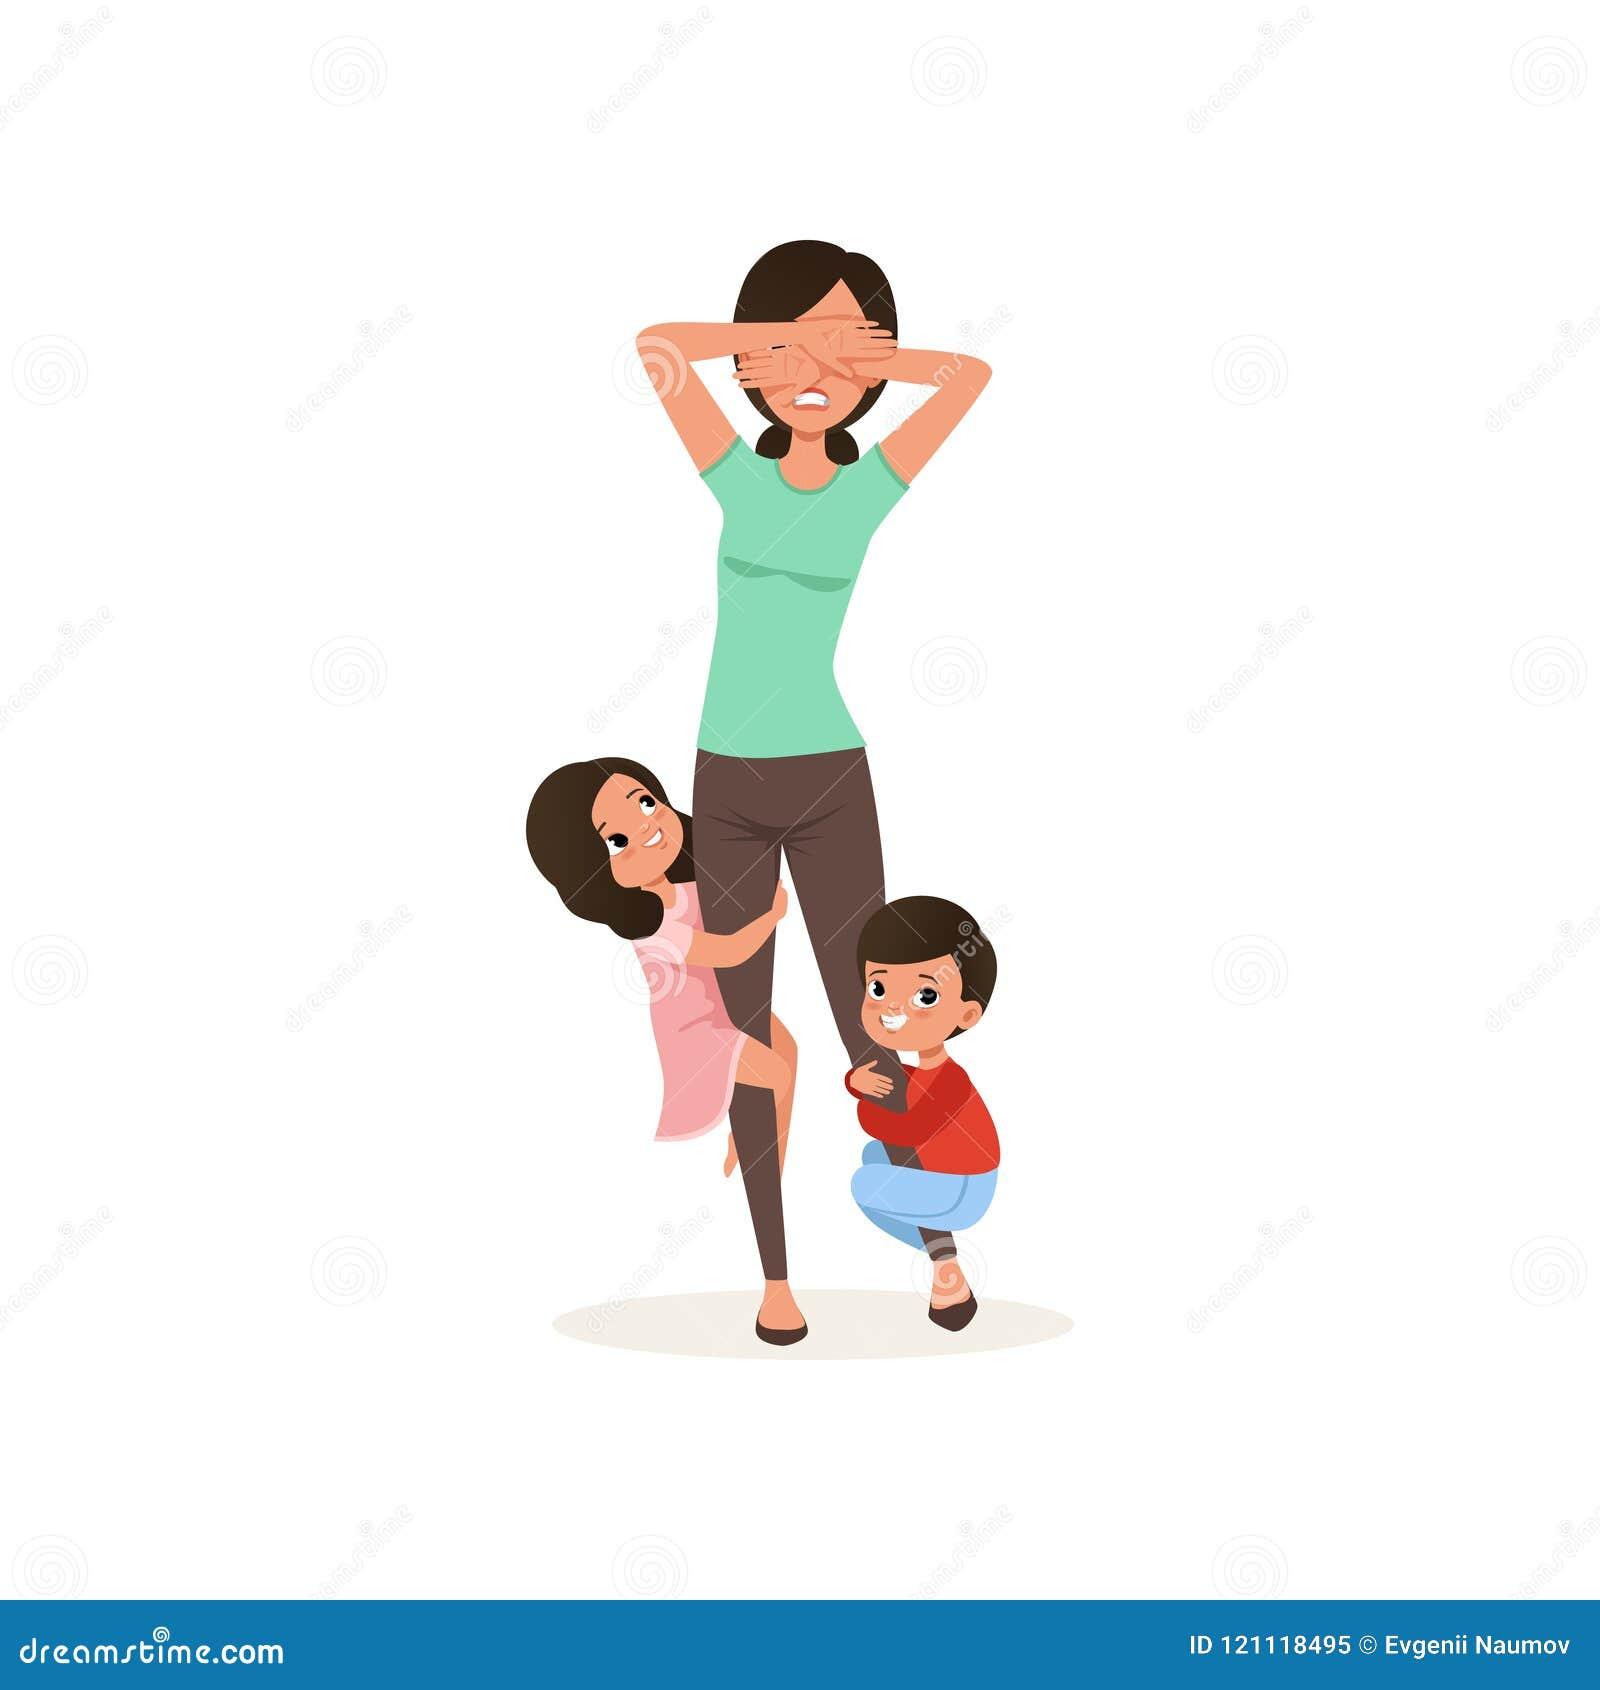 微笑的孩子要使用与他们疲乏的母亲、做父母的重音概念、关系孩子之间和父母